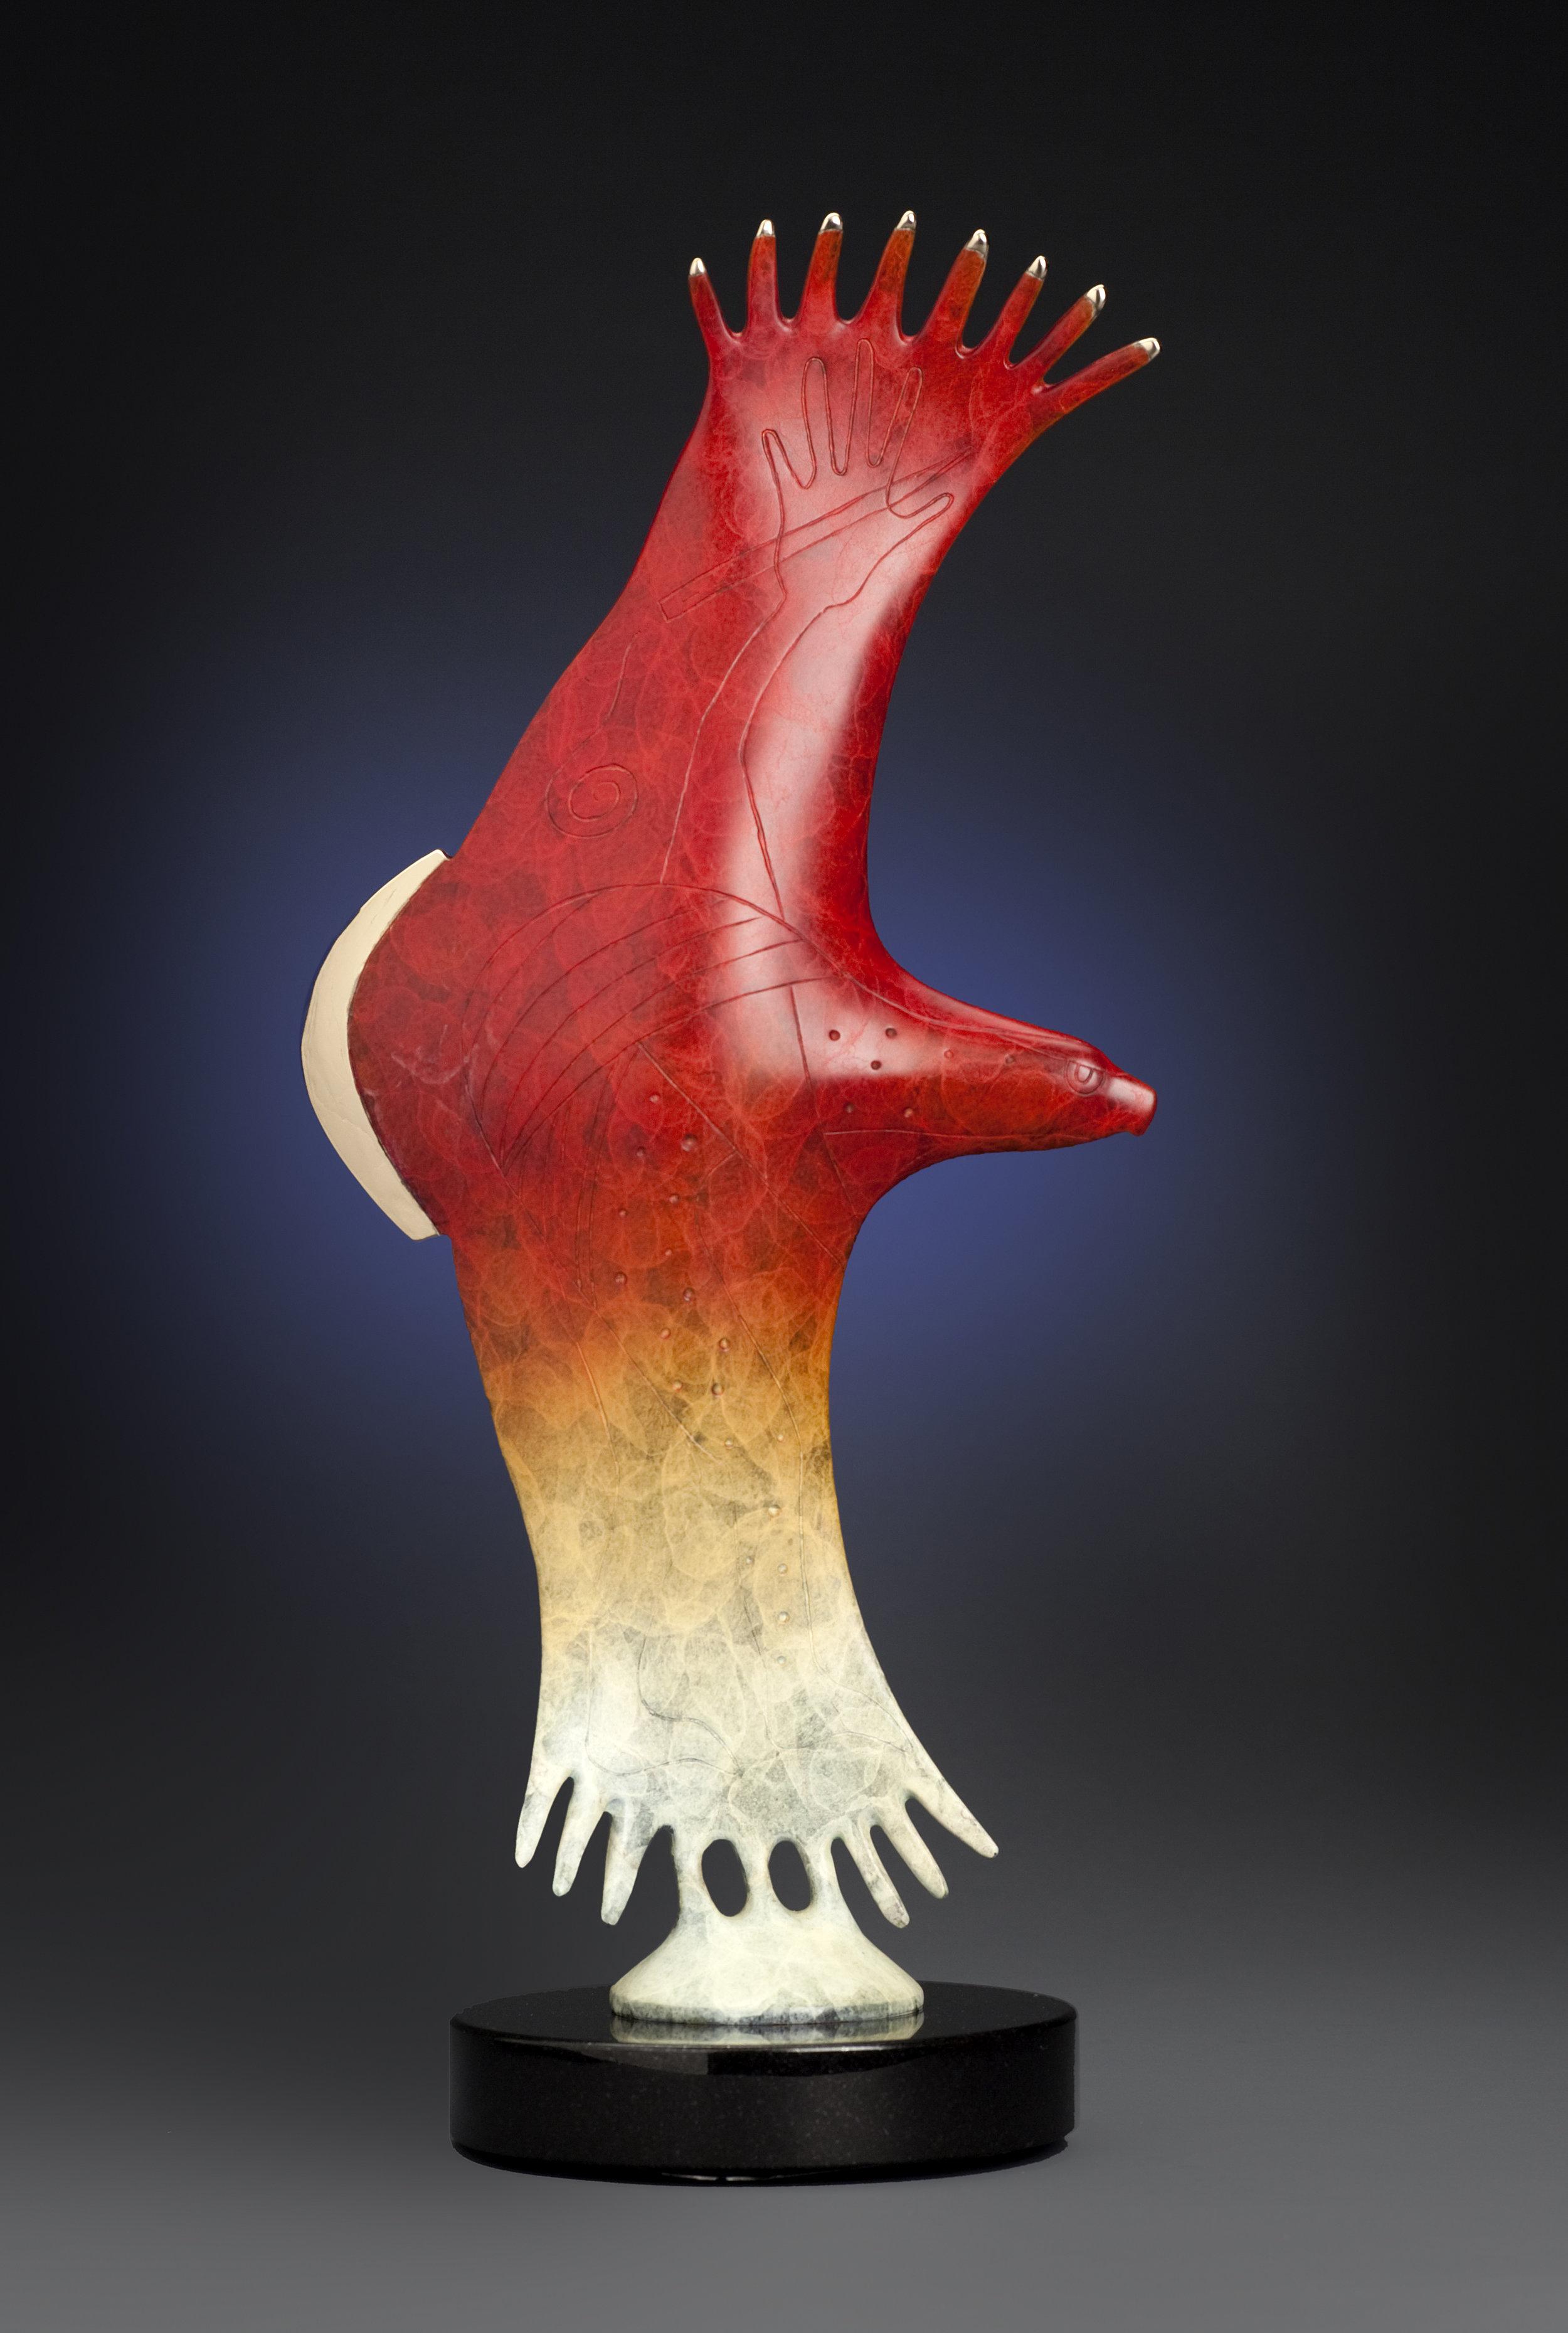 Kocopelli